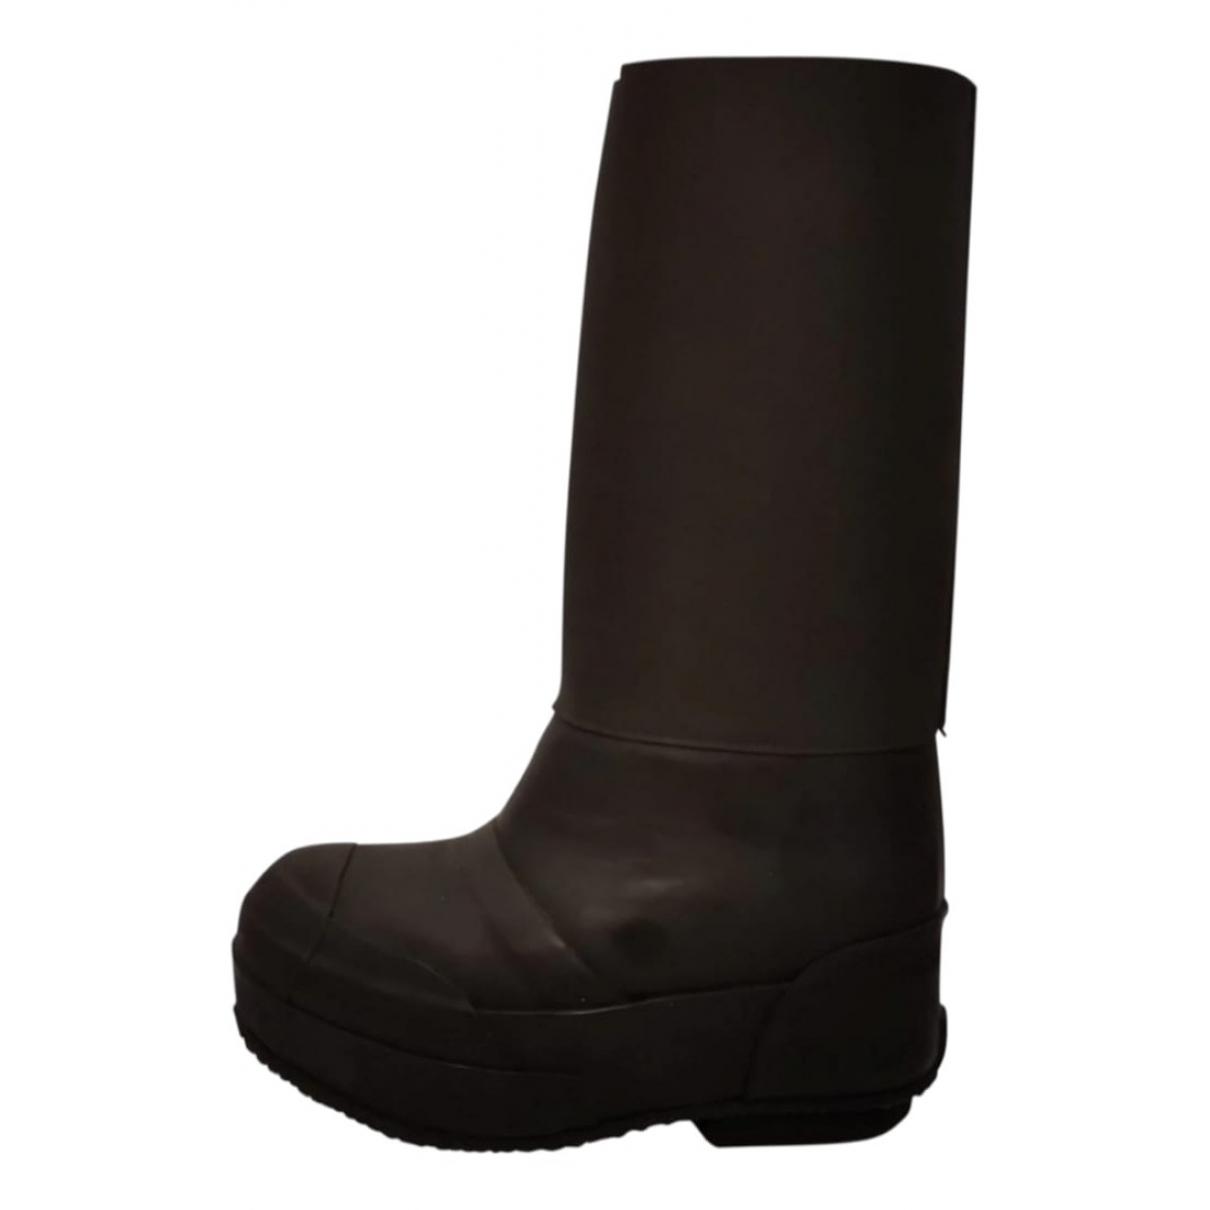 Celine - Bottes Planet pour femme en caoutchouc - noir